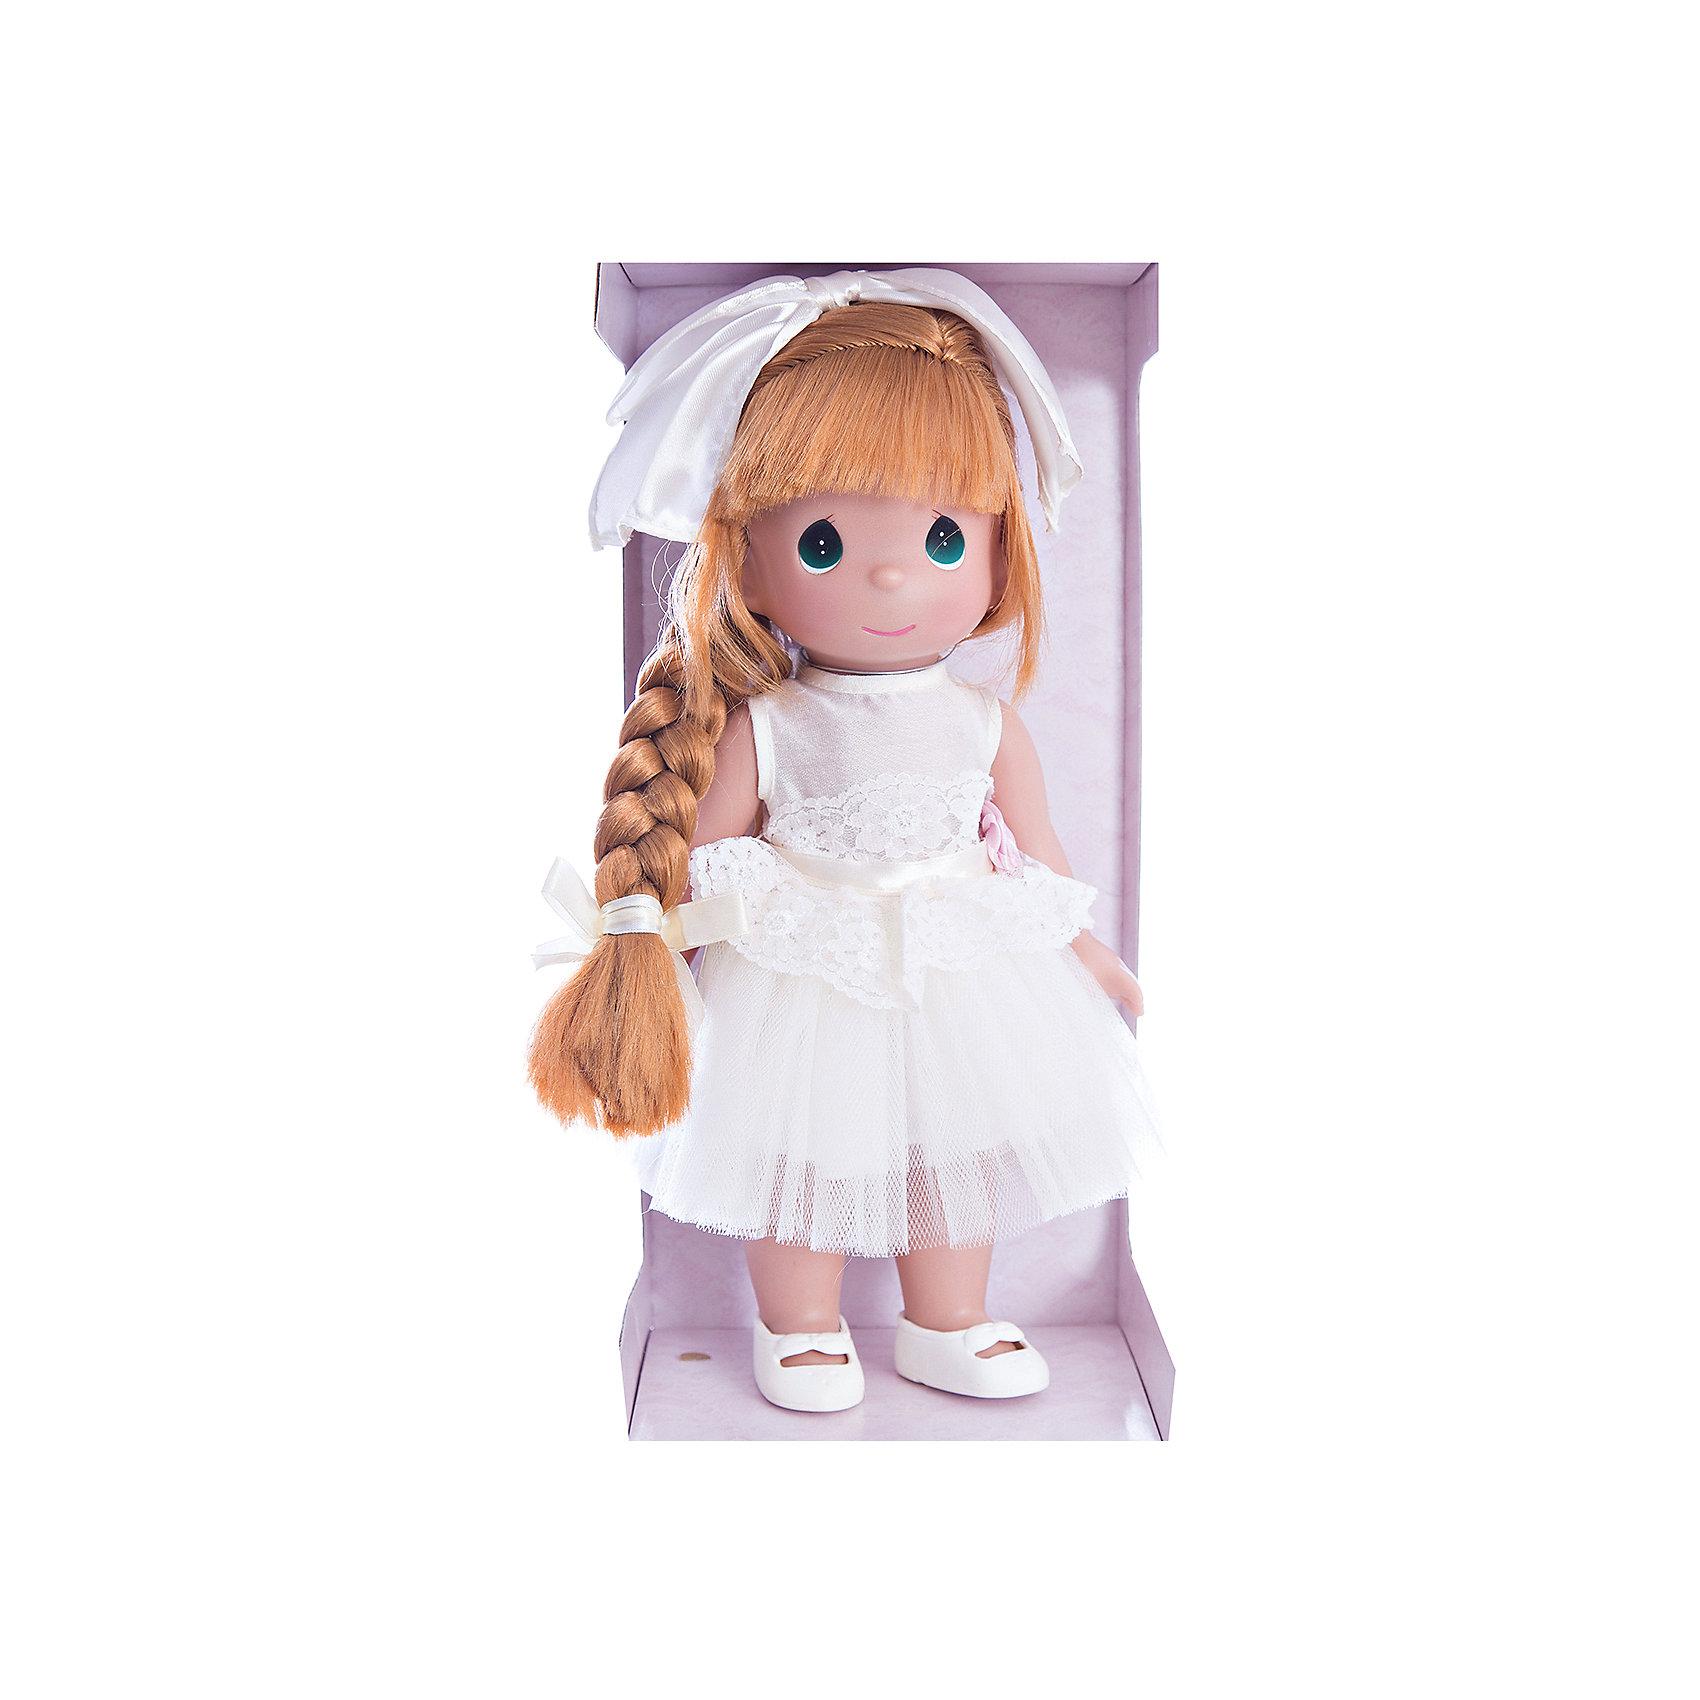 Кукла Великолепная Лилу, рыжая, 30 см, Precious MomentsКлассические куклы<br>Характеристики товара:<br><br>• возраст: от 5 лет;<br>• материал: винил, текстиль;<br>• высота куклы: 30 см;<br>• размер упаковки: 33х17х9 см;<br>• вес упаковки: 345 гр.;<br>• страна производитель: Филиппины.<br><br>Кукла «Великолепная Лилу» Precious Moments рыжая — коллекционная кукла с выразительными зелеными глазками и рыжими волосами. Куколка одета в белоснежное платье, украшенное поясом с розовым цветком. Волосы заплетены в косу и украшены бантиком.<br><br>У куклы имеются подвижные детали. Она выполнена из качественного безопасного материала.<br><br>Куклу «Великолепная Лилу» Precious Moments рыжую можно приобрести в нашем интернет-магазине.<br><br>Ширина мм: 140<br>Глубина мм: 300<br>Высота мм: 80<br>Вес г: 428<br>Возраст от месяцев: 36<br>Возраст до месяцев: 2147483647<br>Пол: Женский<br>Возраст: Детский<br>SKU: 5482493